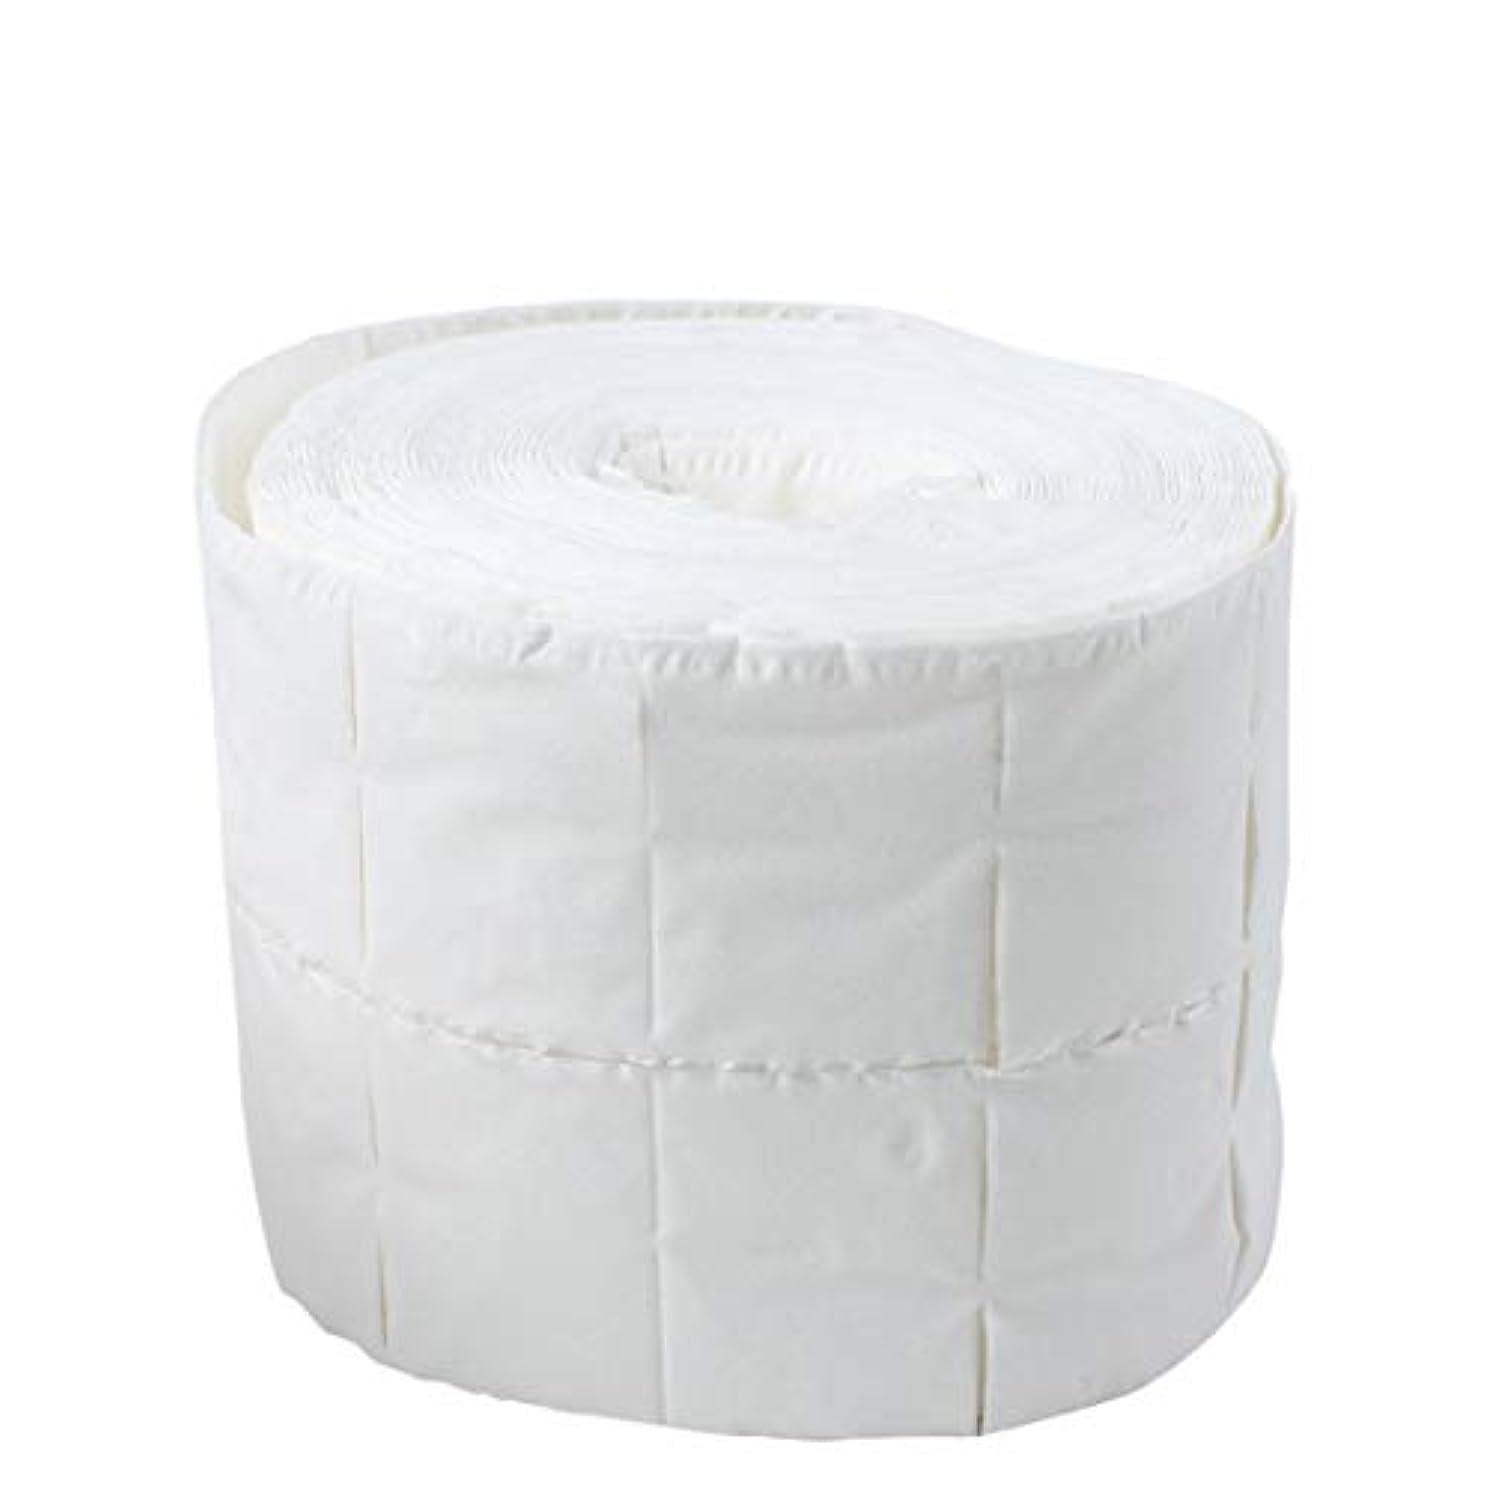 話す合法暖かさIntercoreyポータブルトラベルブランドマニキュアリムーバークリアナーネイルジェル軽量耐久性のある使用ネイルラップ洗濯タオルウォッシュ